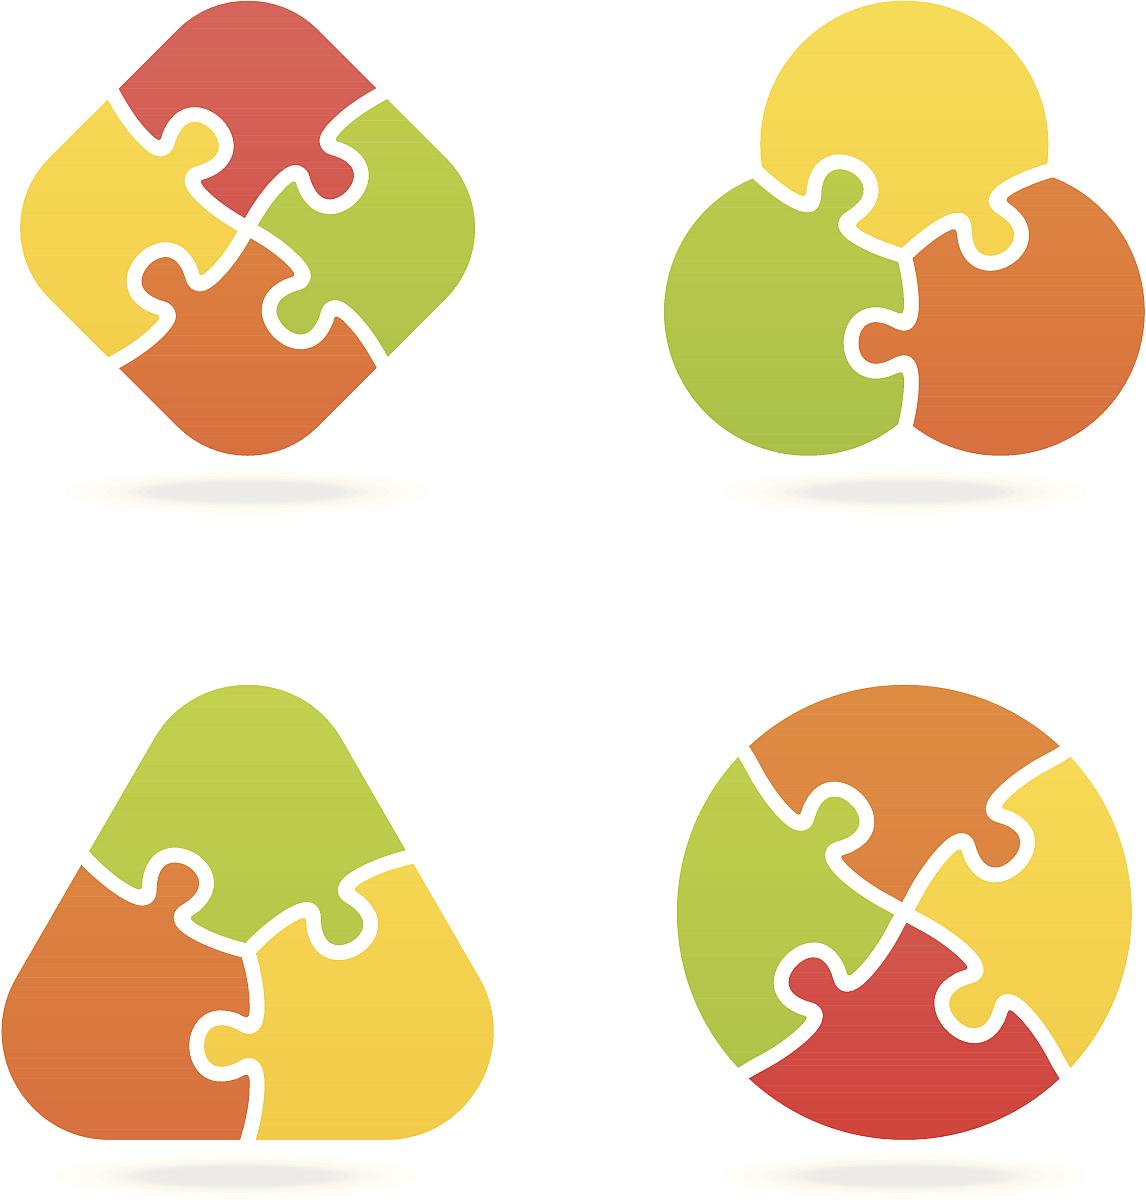 圆形,正方形,部分,休闲游戏,附着的,复杂性,计算机图标,七巧板,拼图拼图片